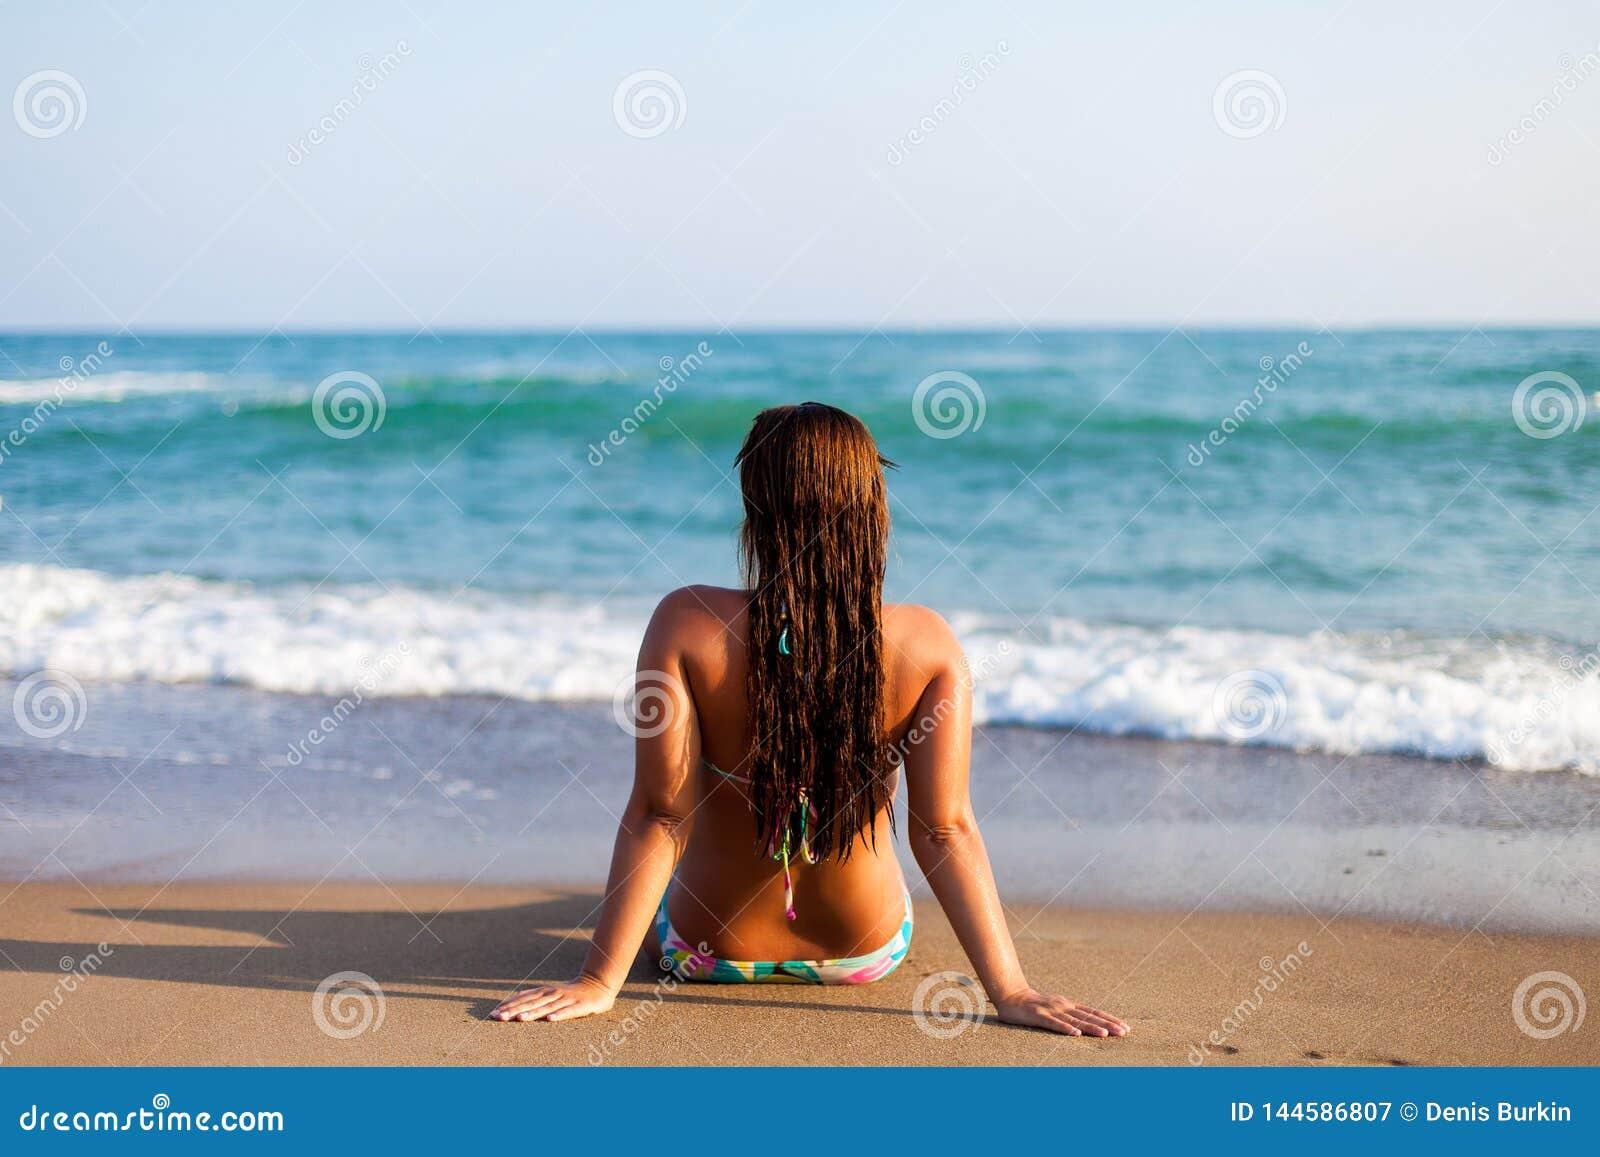 Siluetta della giovane donna sulla spiaggia Giovane donna che si siede davanti alla spiaggia Ragazza in bikini che si rilassa sul